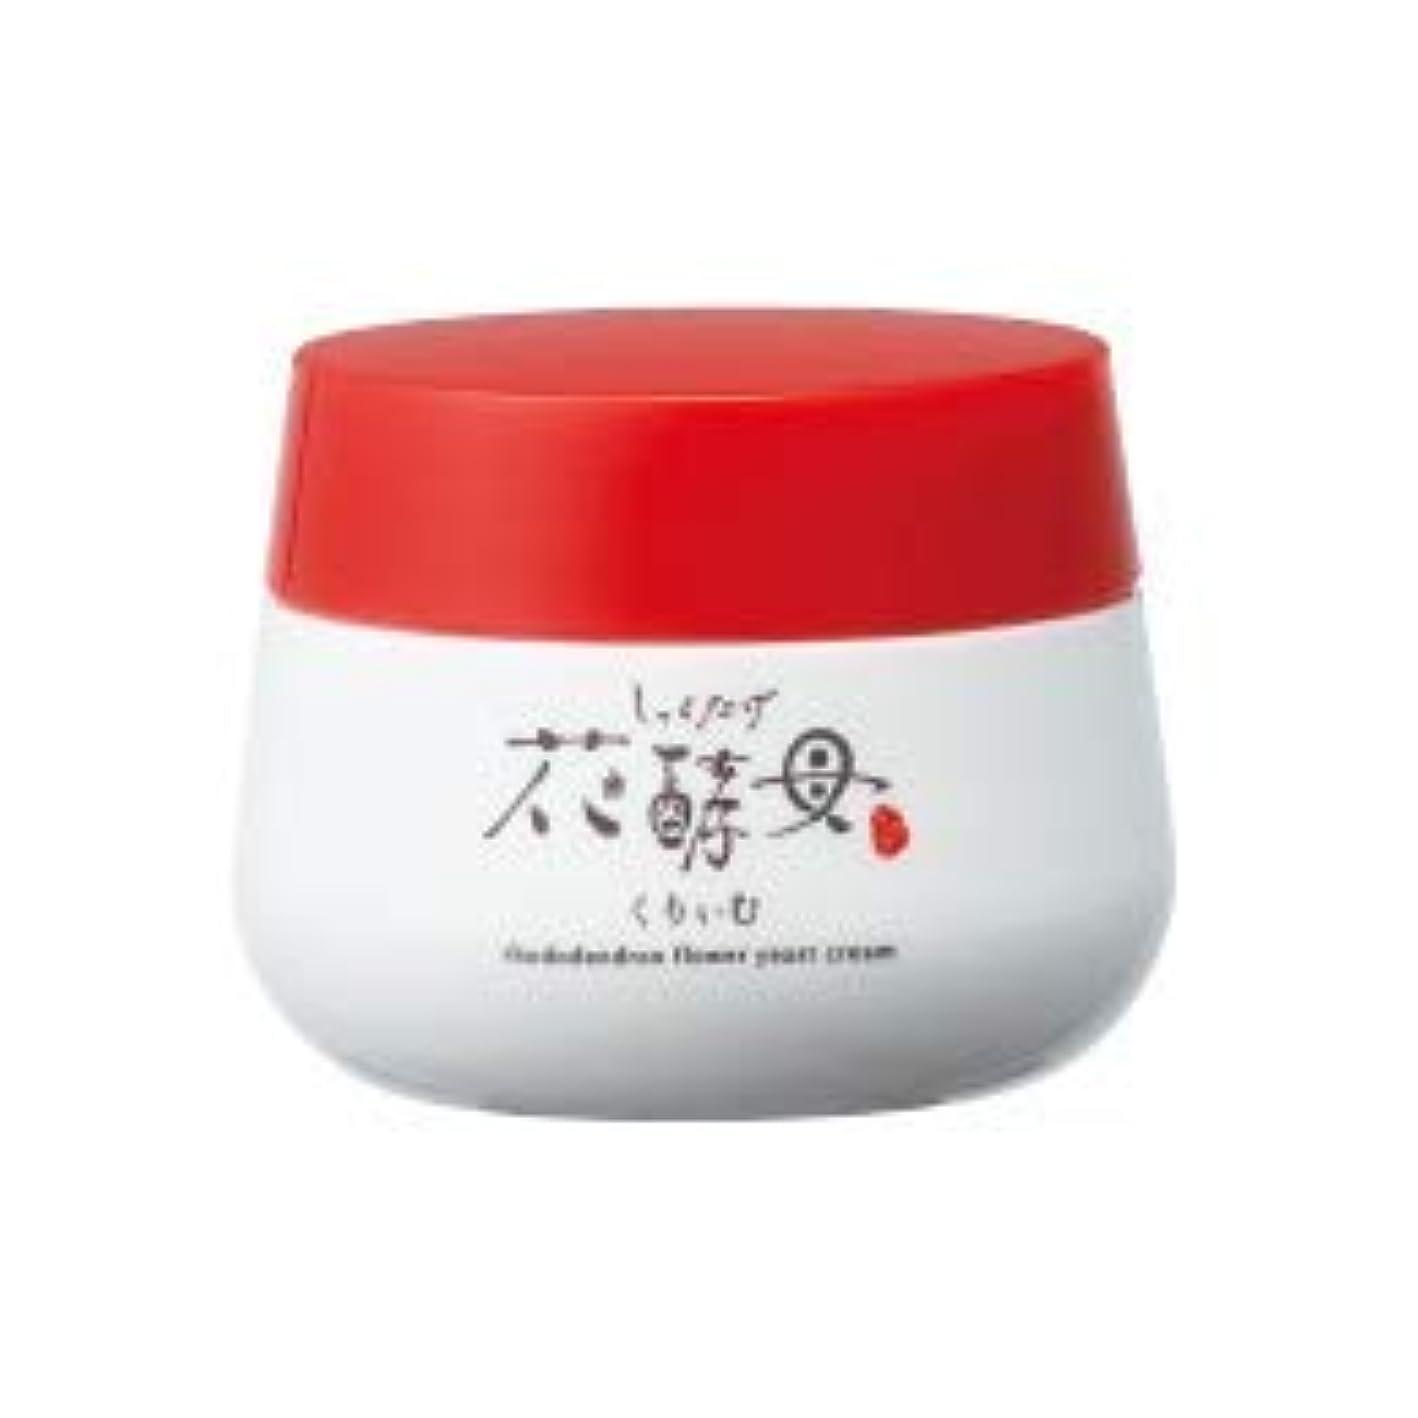 控えめな膿瘍必須豆腐の盛田屋 豆花水 しゃくなげ花酵母くりぃむ 30g